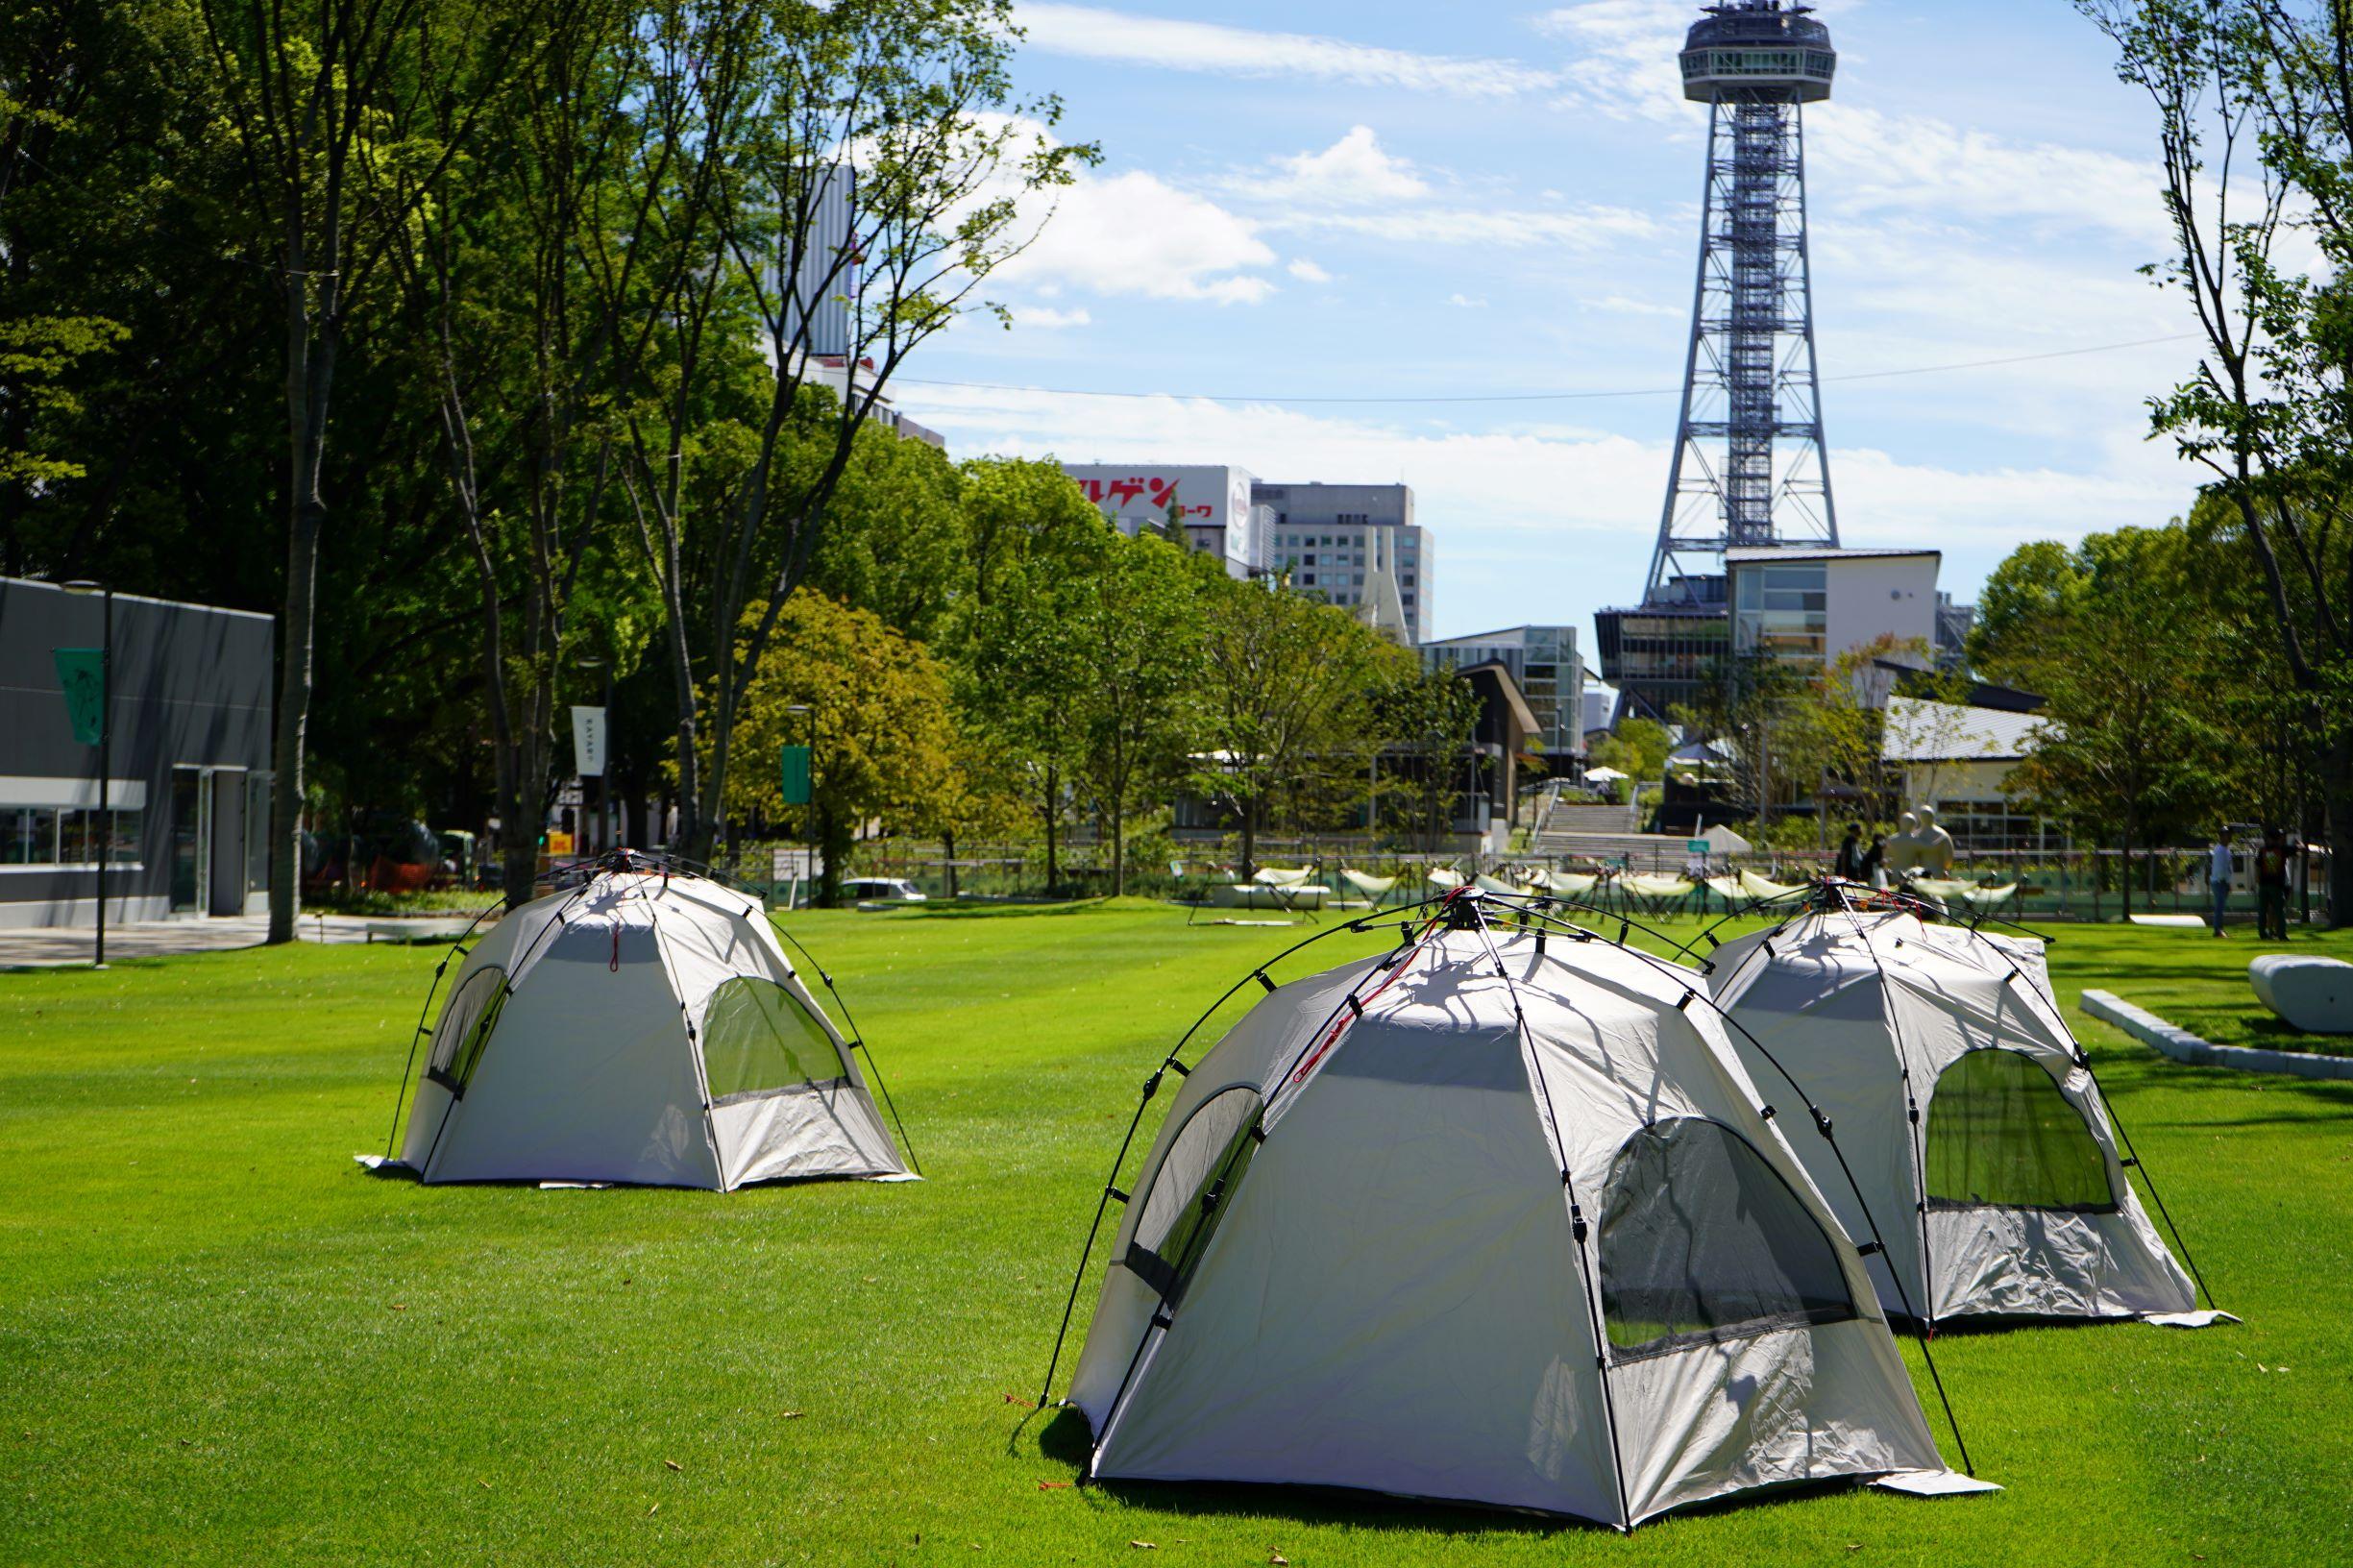 テントにハンモックも!久屋大通パークの芝生広場で、思い思いの過ごし方を - DSC03387